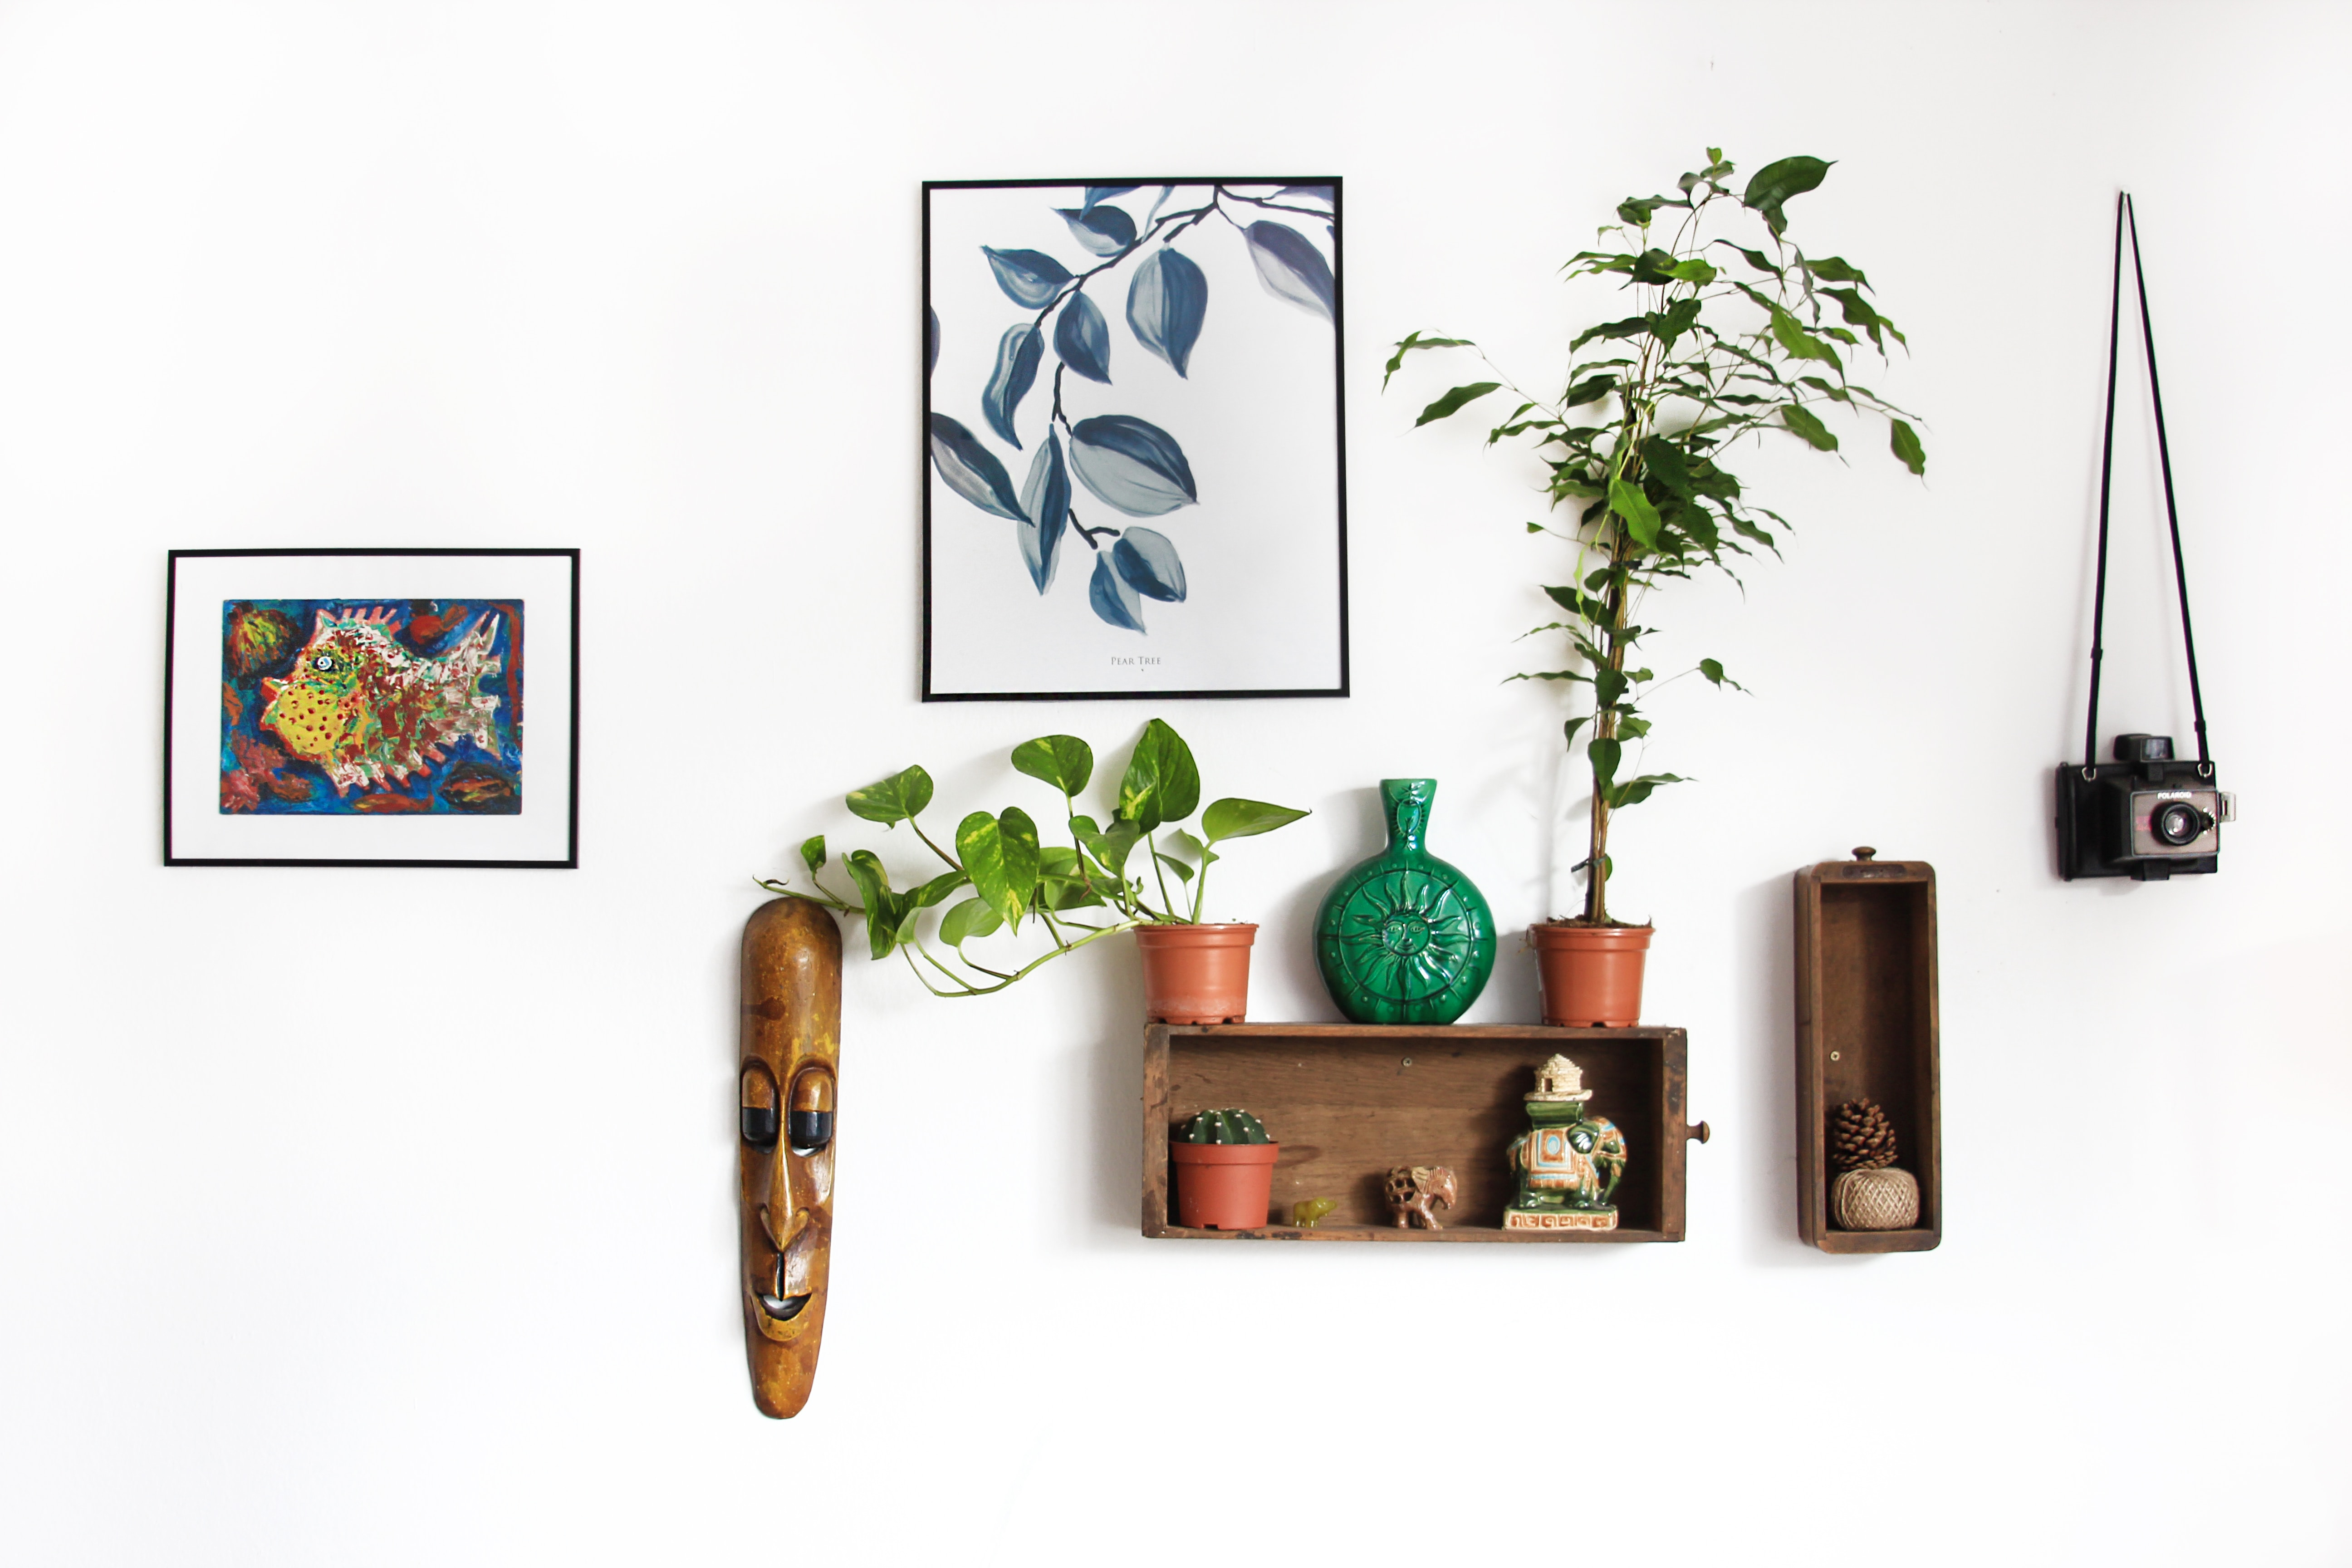 Mur avec décorations